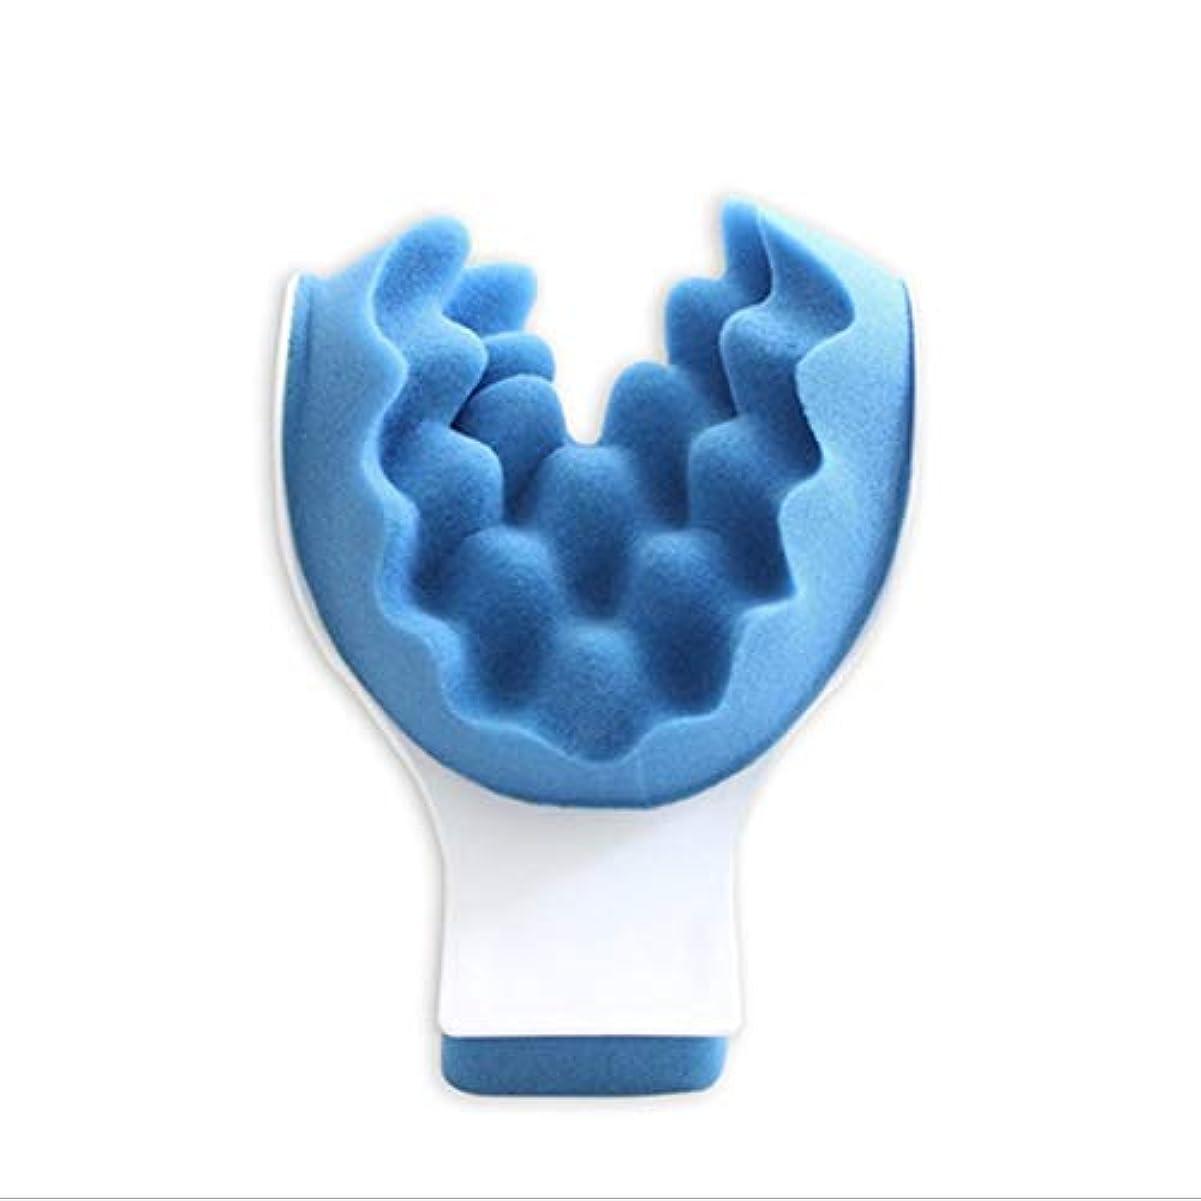 合図インターネット印象的なマッスルテンションリリーフタイトネスと痛みの緩和セラピーティックネックサポートテンションリリーフネック&ショルダーリラクサー - ブルー